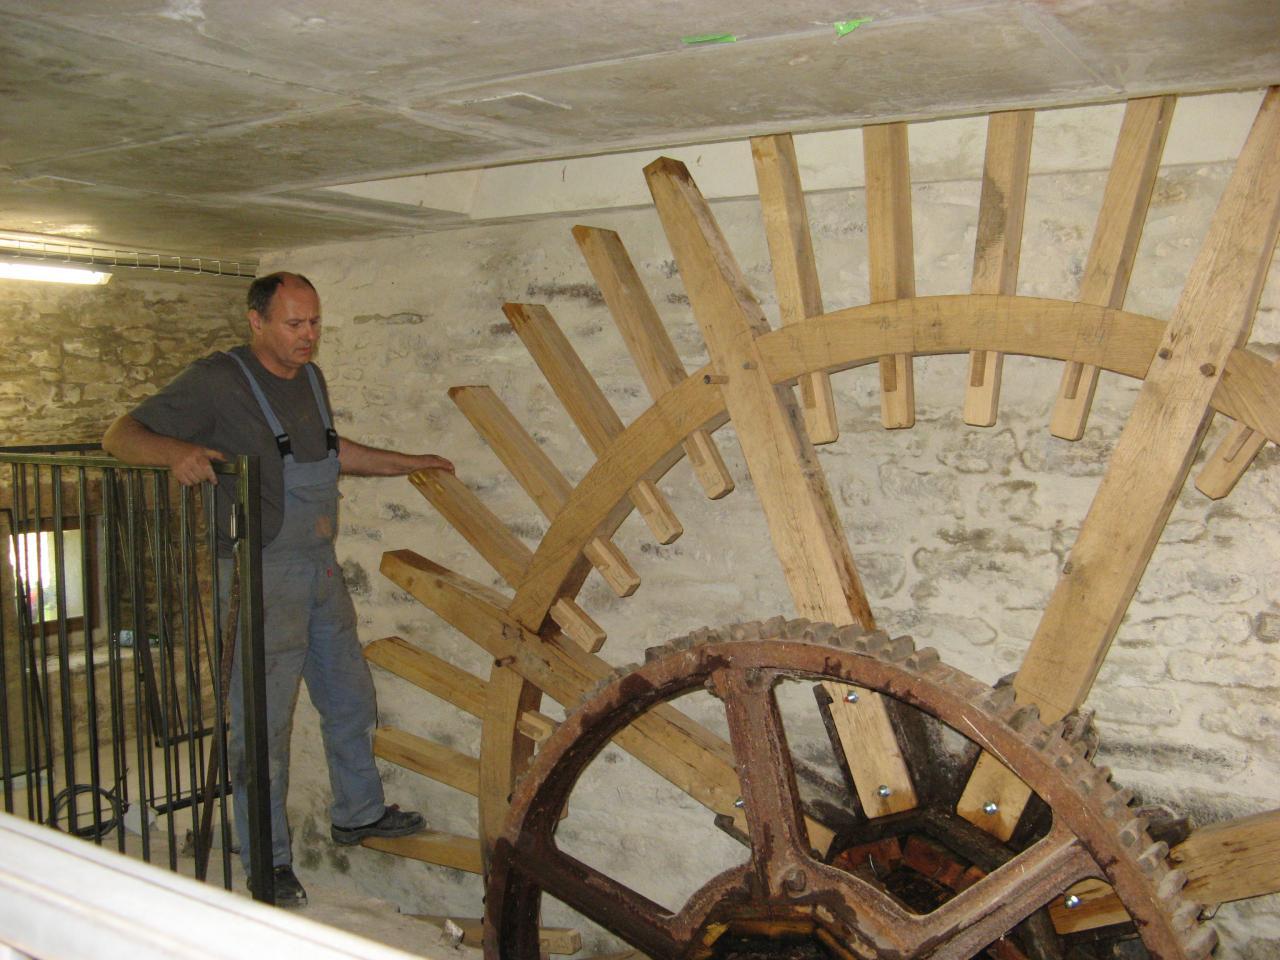 Roue de moulin en cours